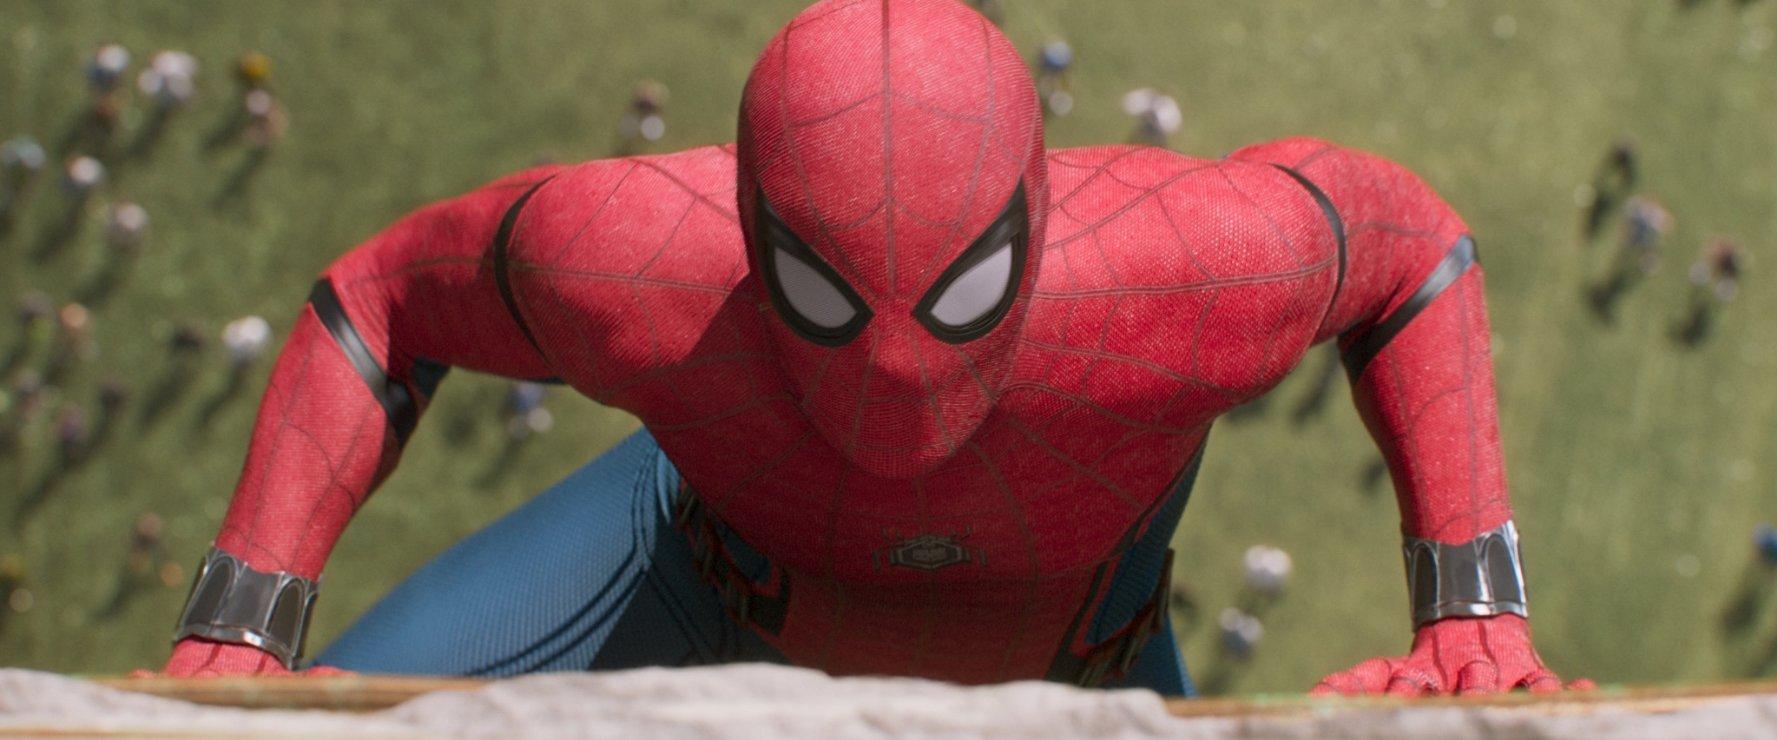 'Spider-Man: Homecoming' still